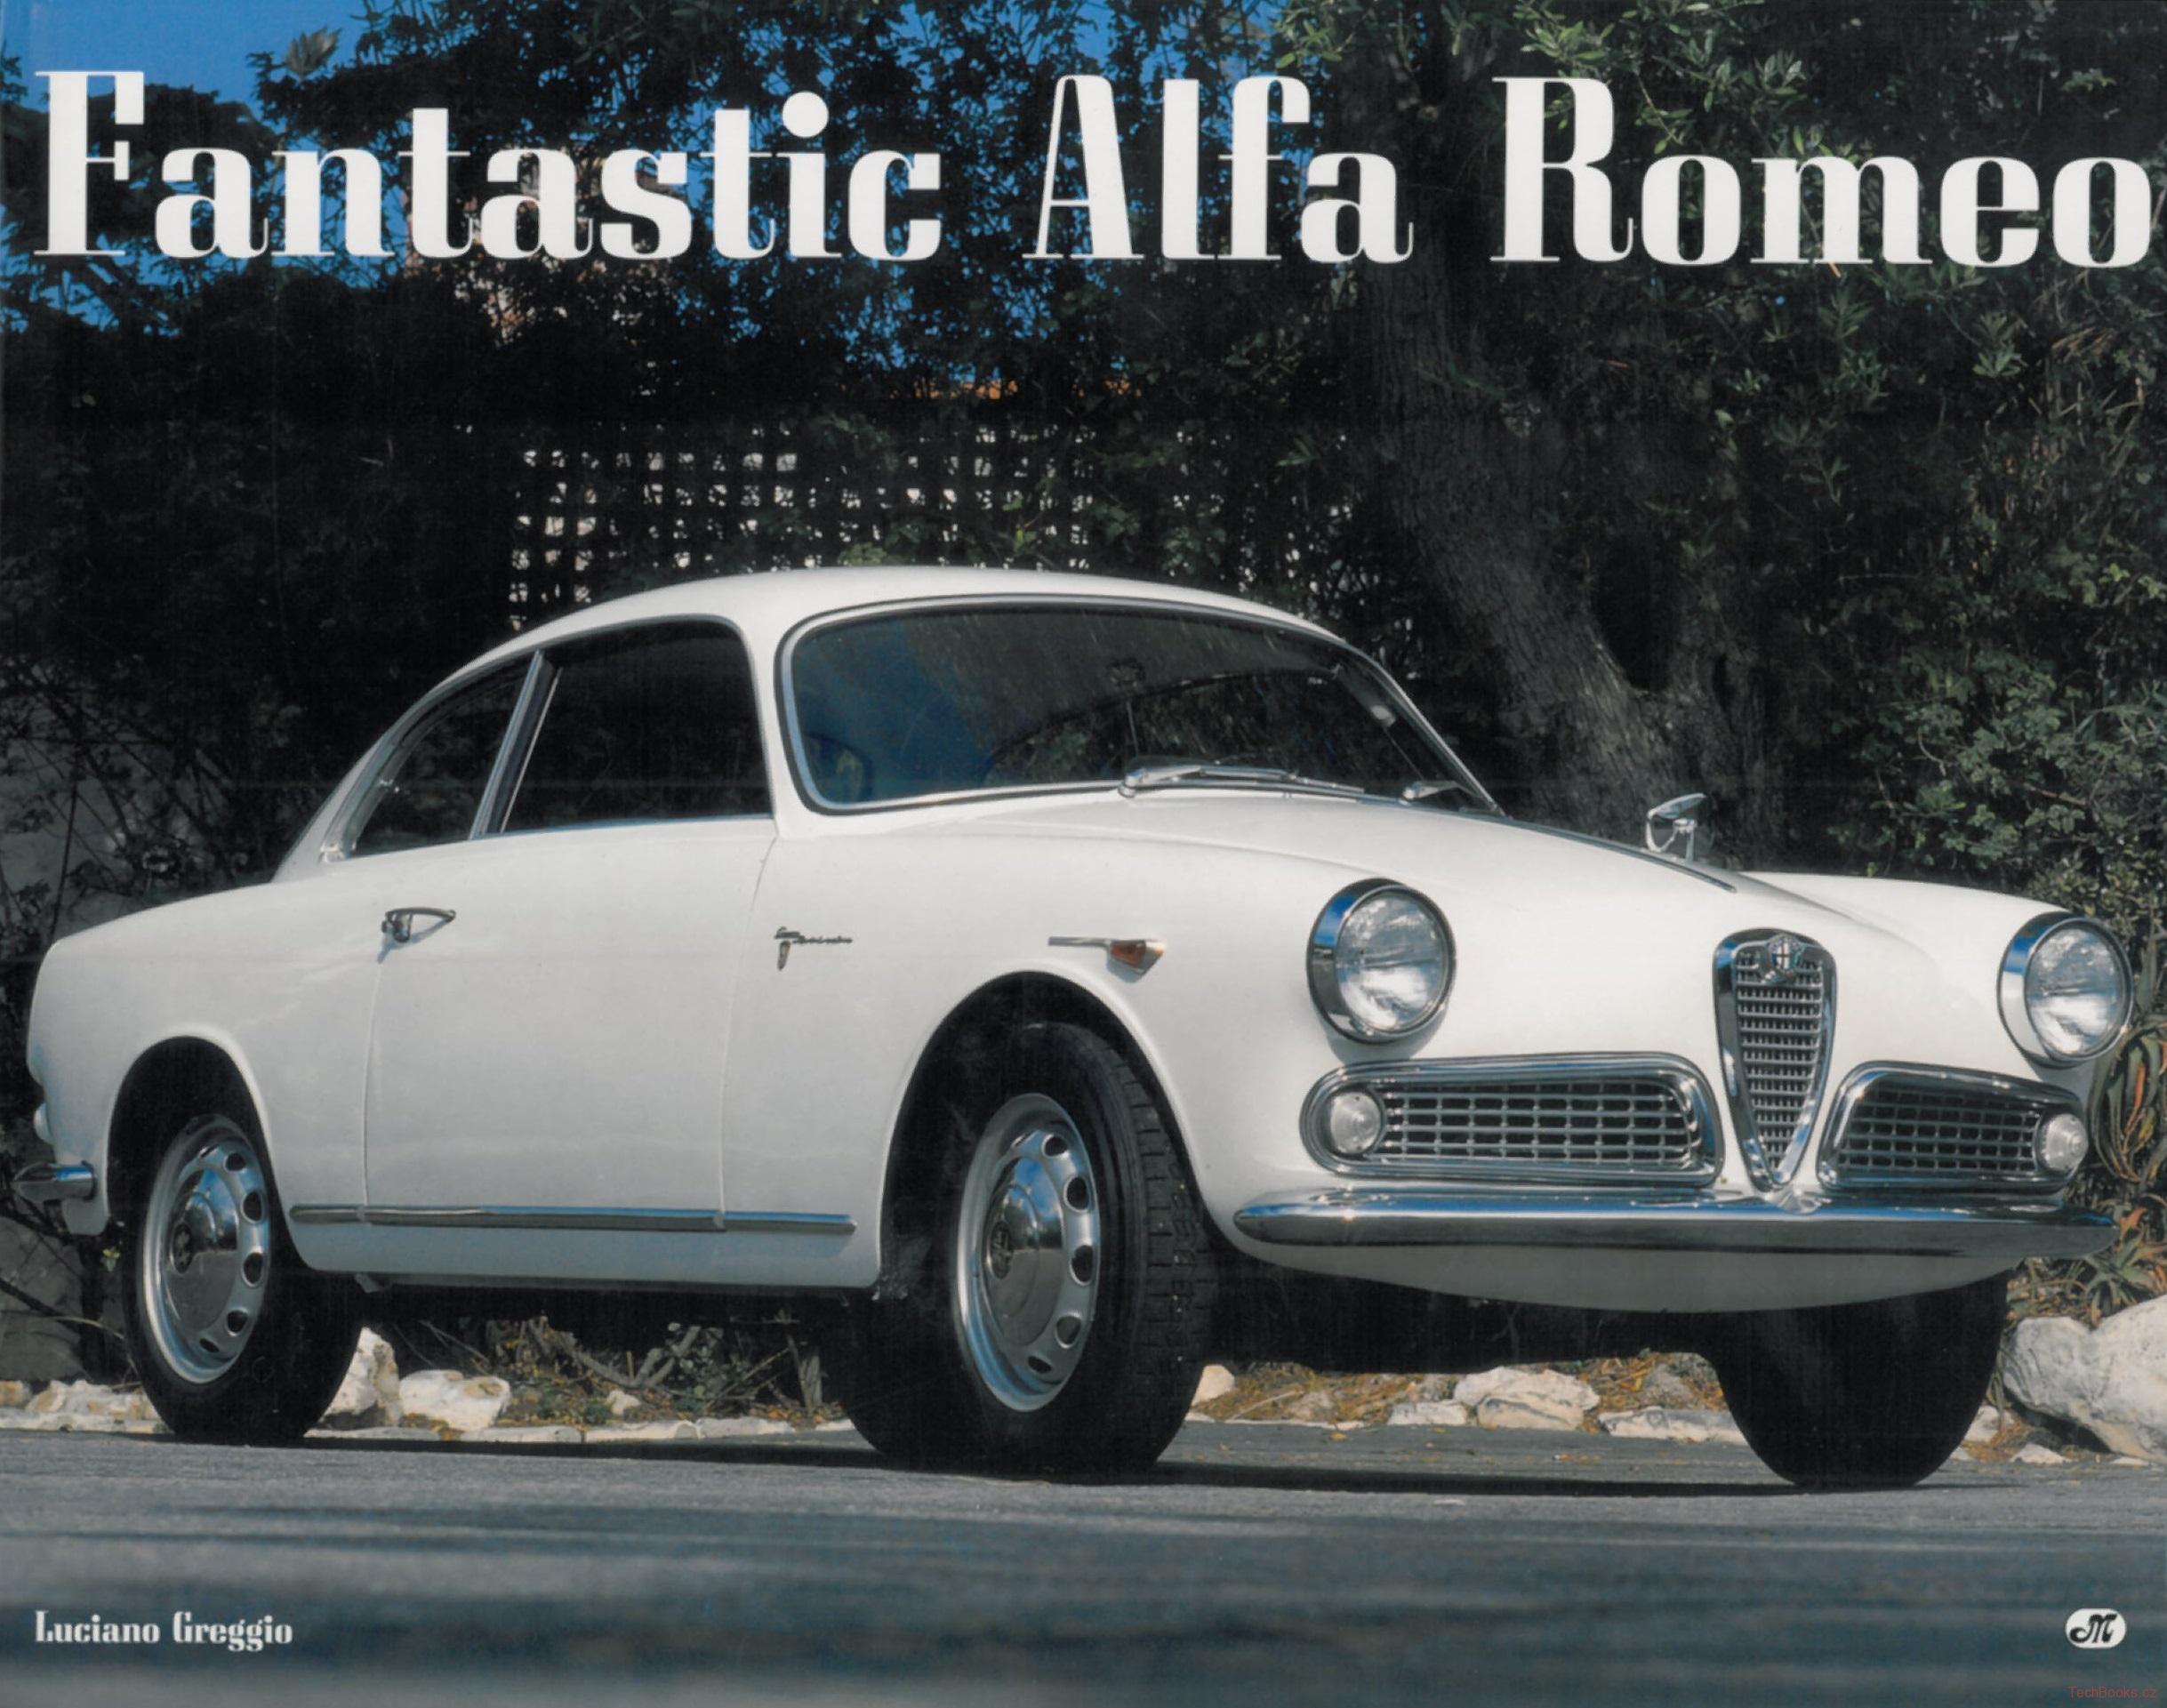 Fantastic Alfa Romeo